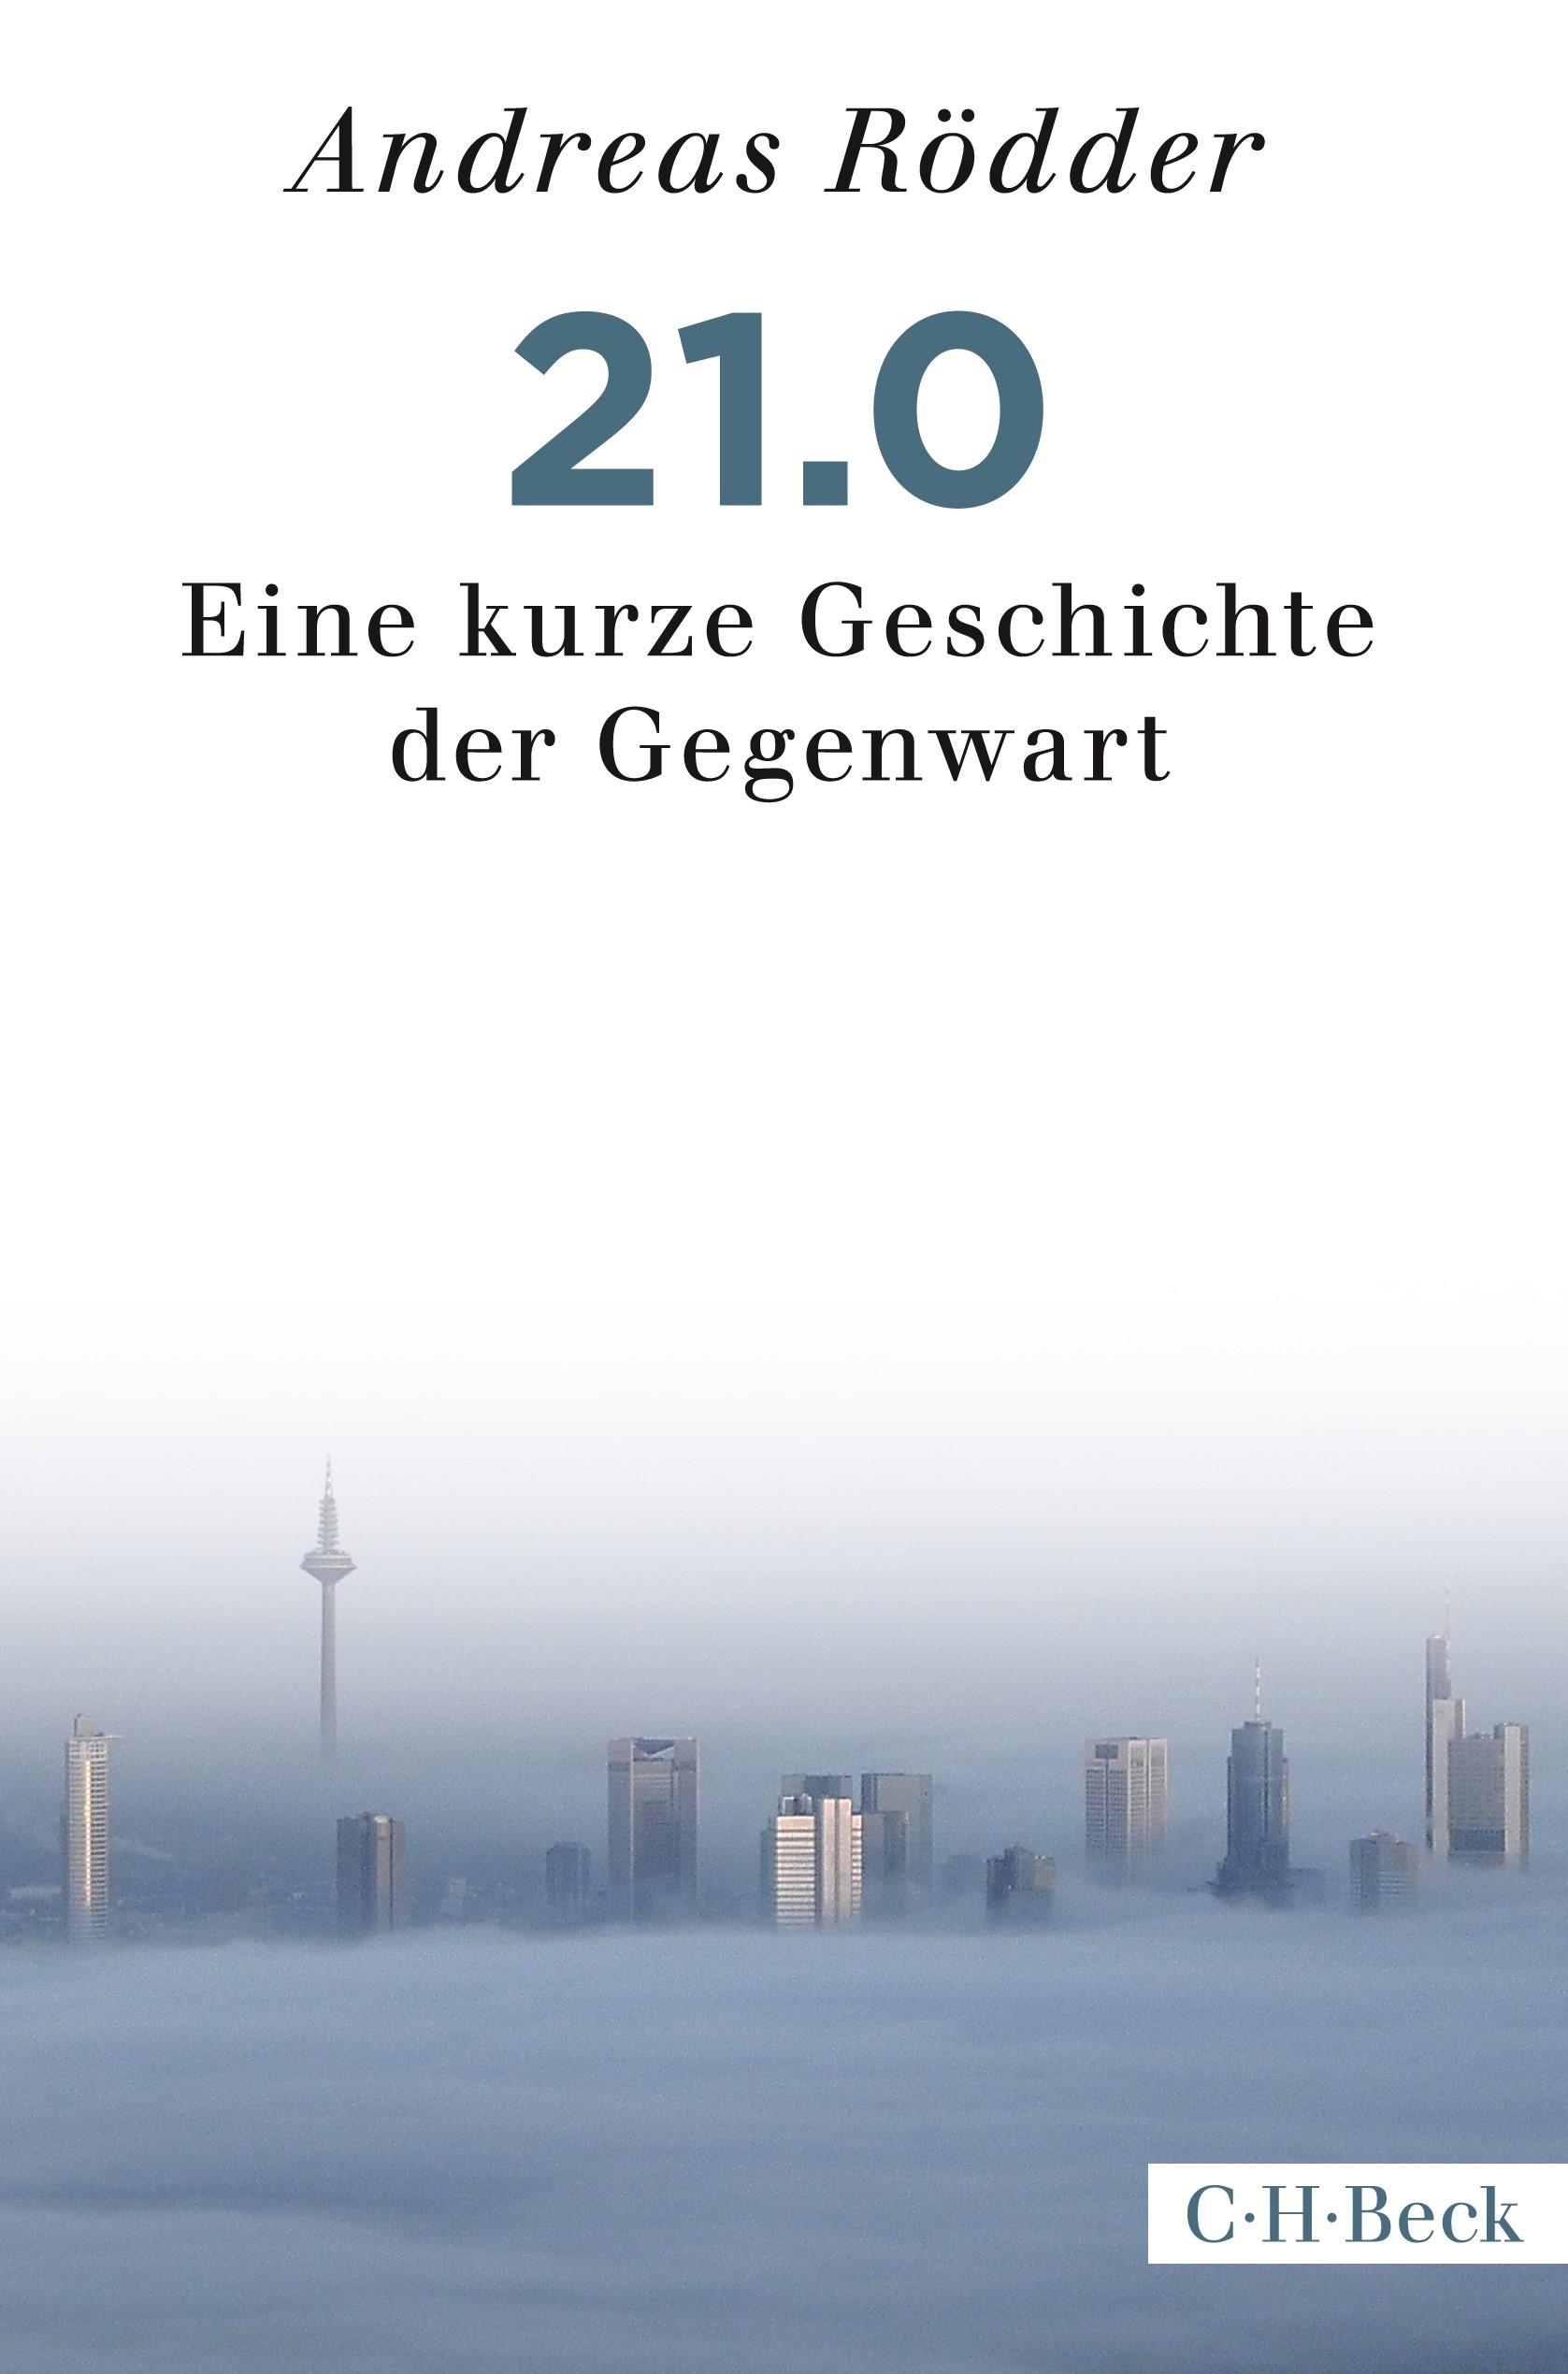 21.0 | Rödder, Andreas | 1., durchgesehene und aktualisierte Auflage in der edition C.H. Beck Paperback 2017, 2017 | Buch (Cover)